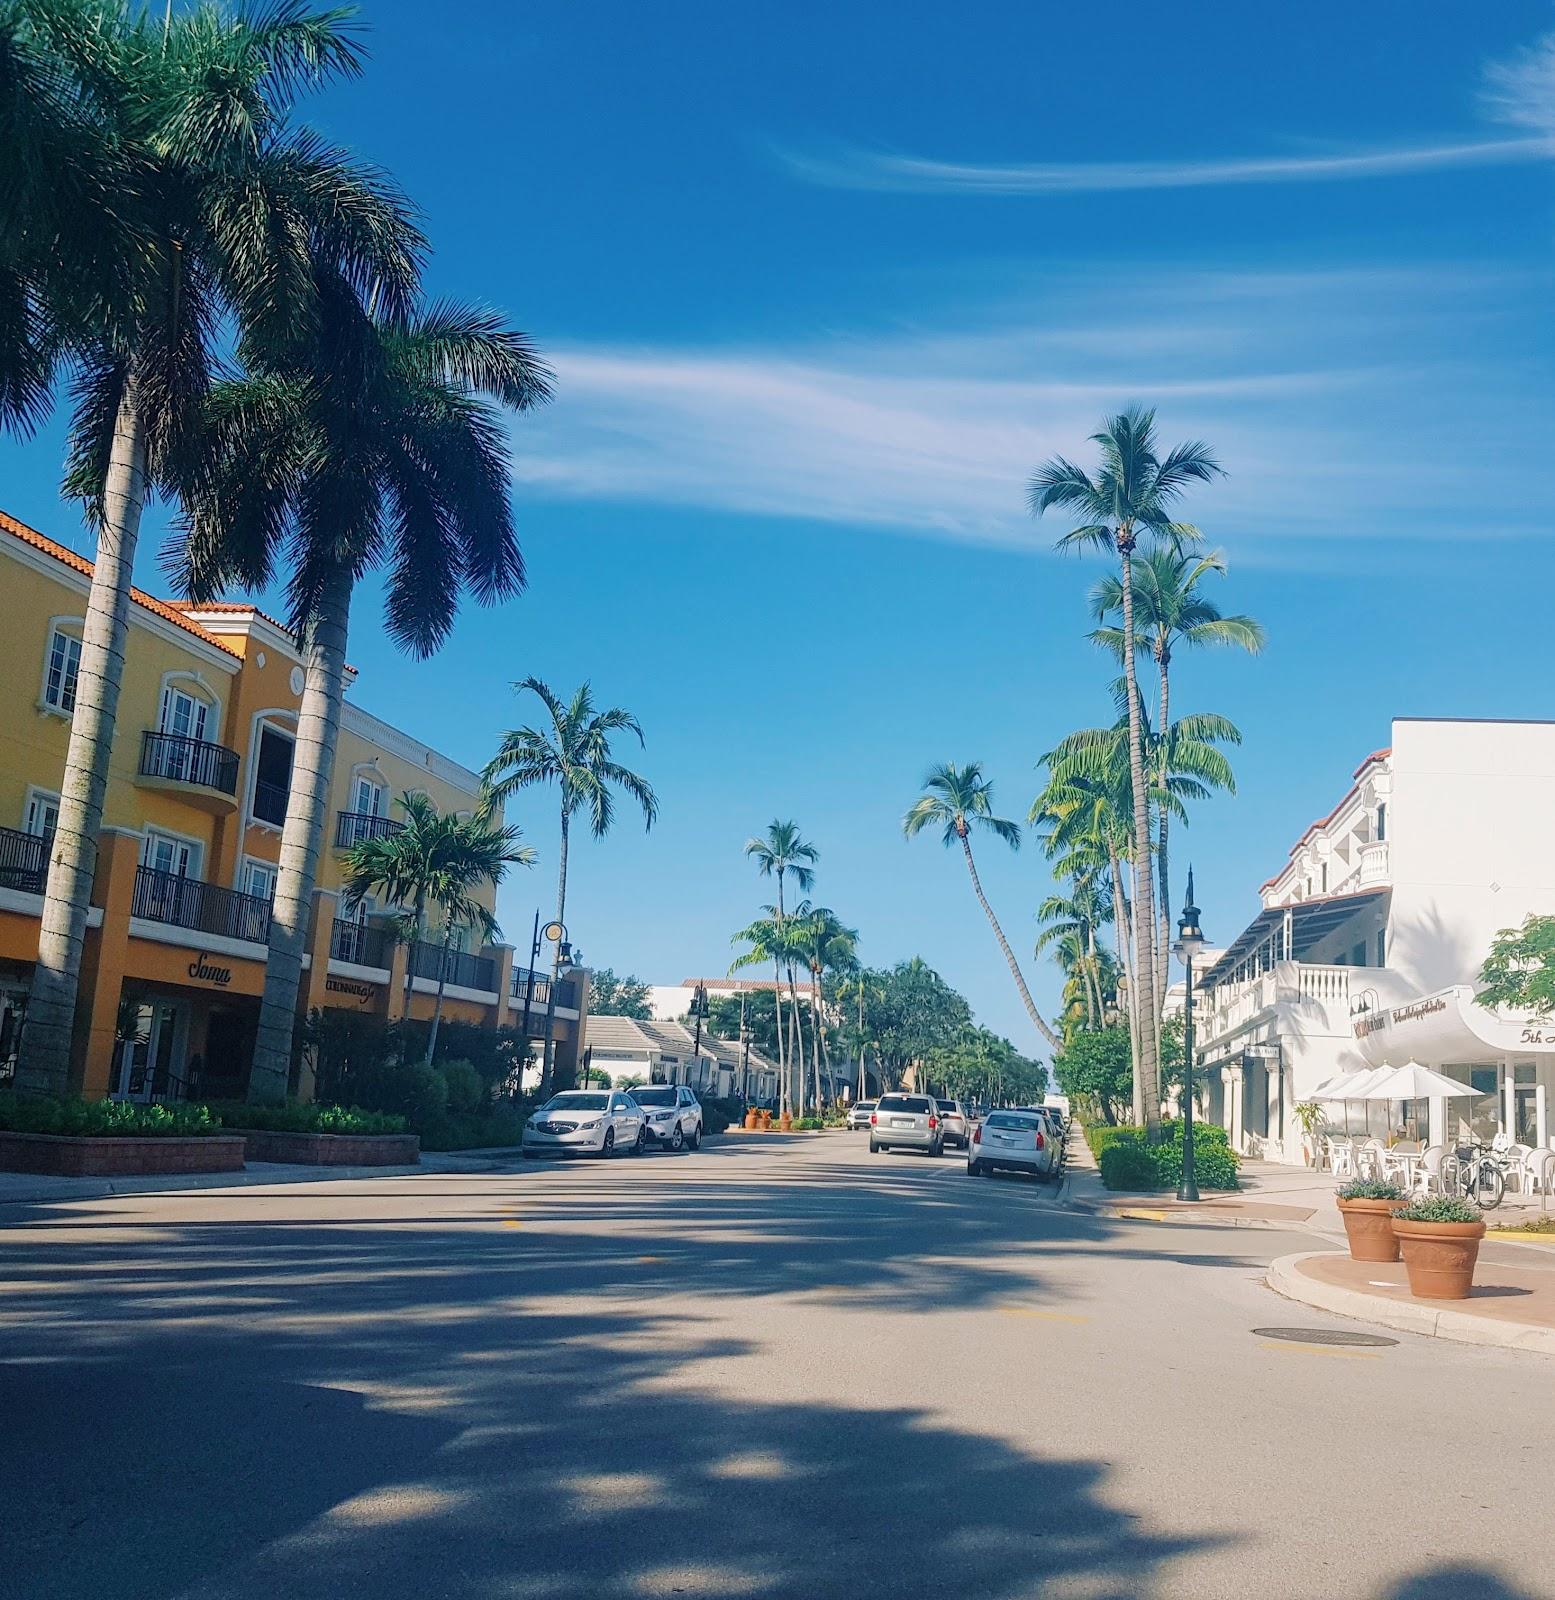 המלצות יום מחוץ למיאמי לאן ללכת נייפלס פלורידה טיול מה לעשות בפלורידה איפה לטייל טיול מאורגן טיול לצעירים למבוגרים